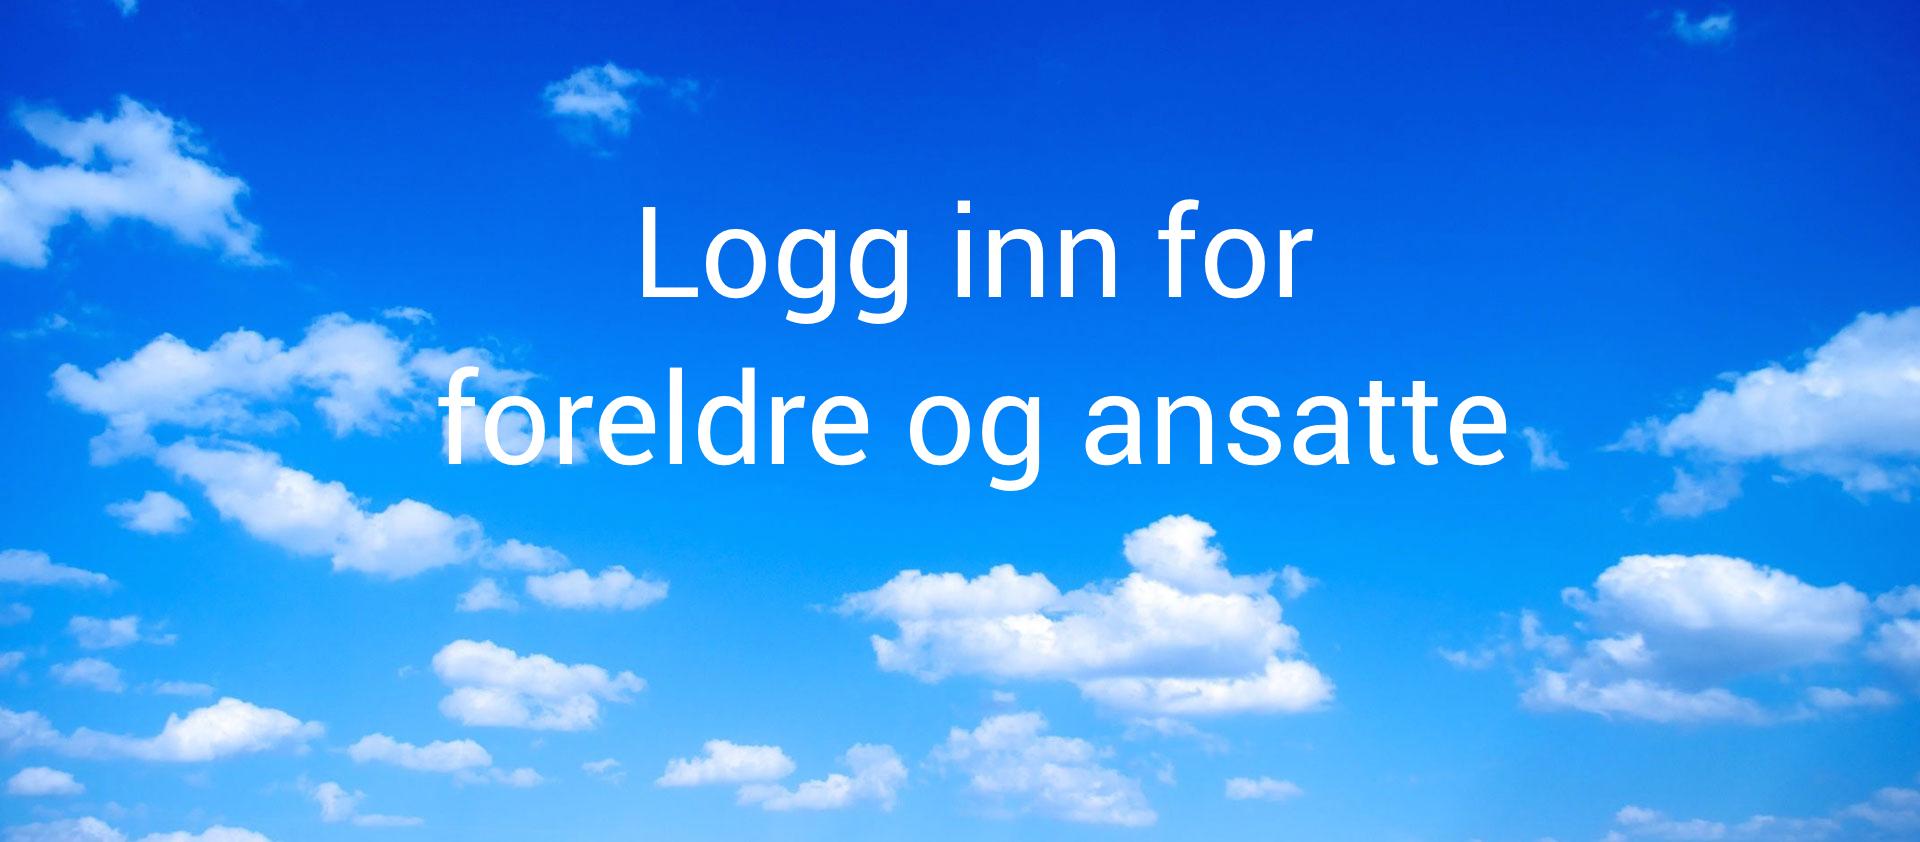 Logg inn